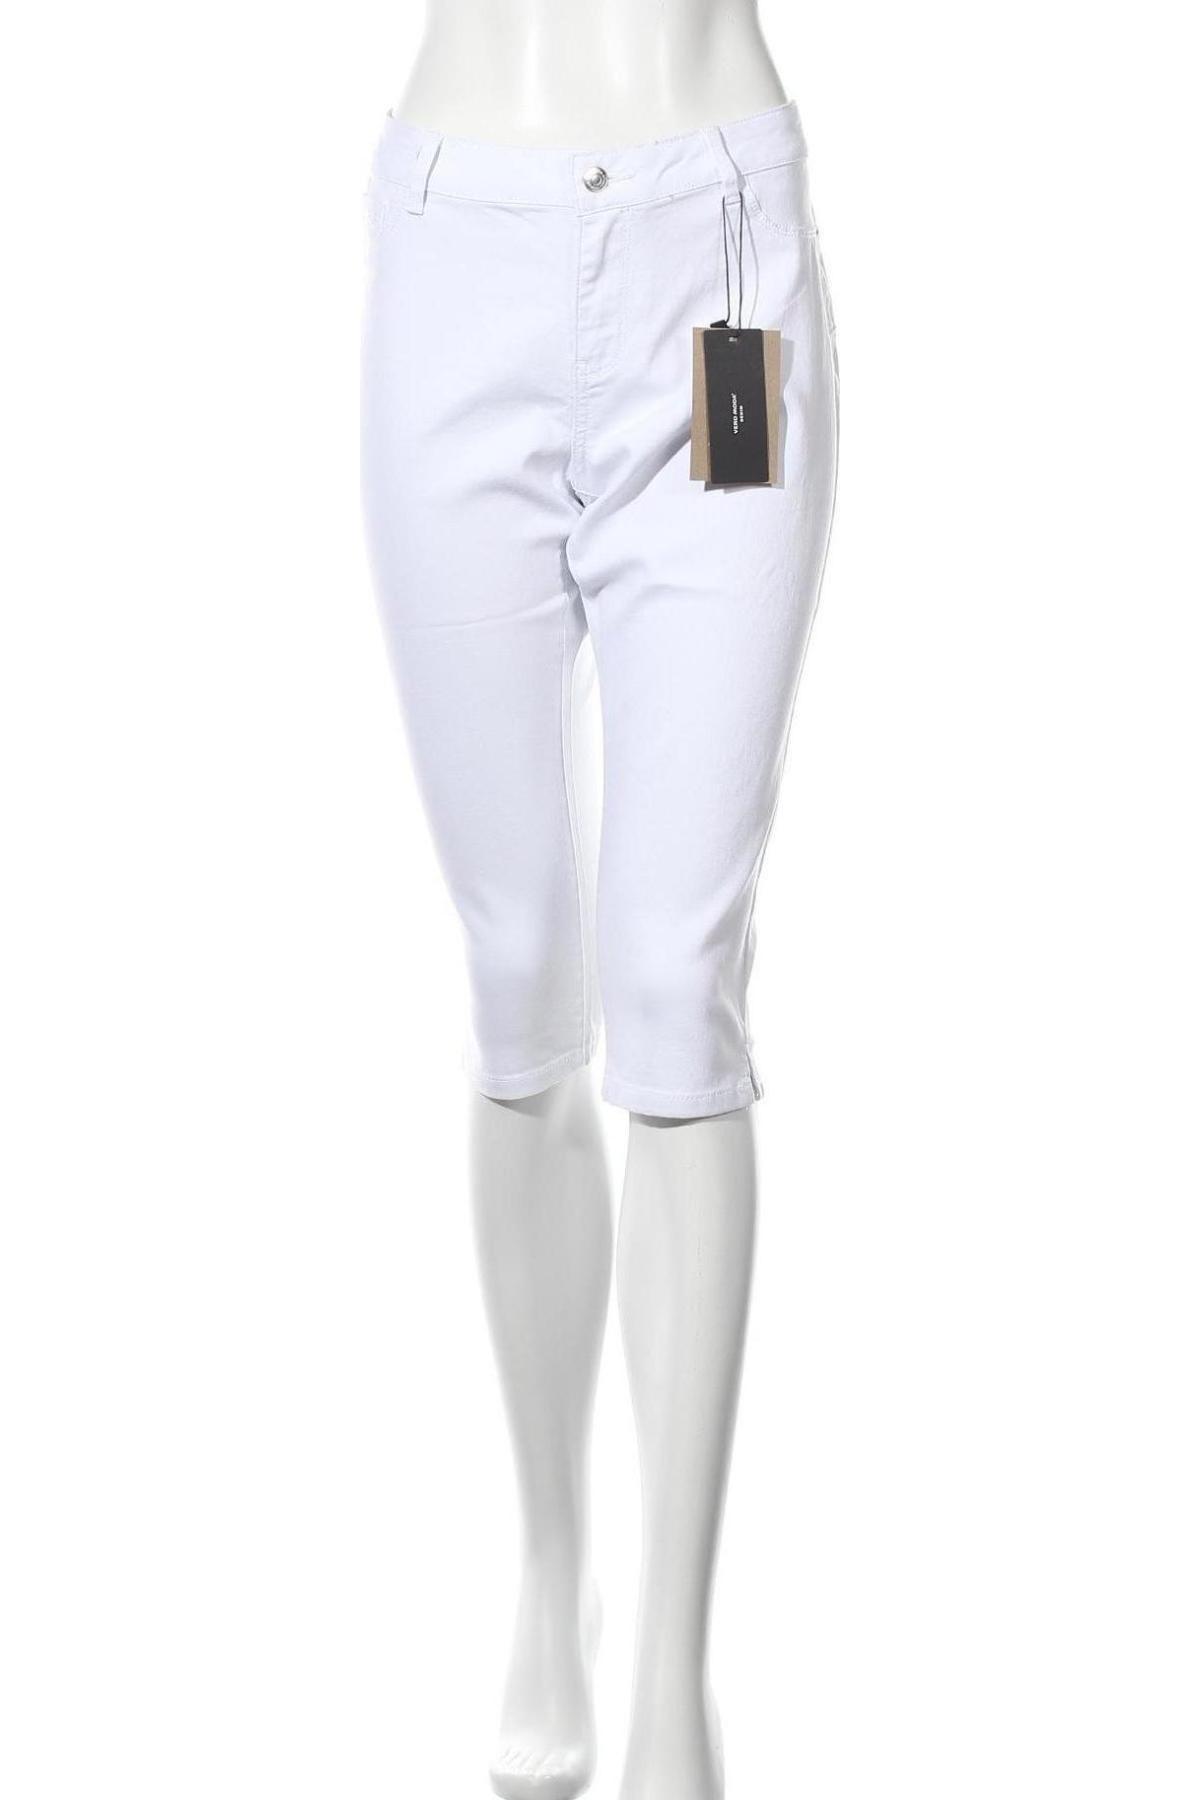 Дамски дънки Vero Moda, Размер L, Цвят Бял, 63% памук, 35% полиестер, 2% еластан, Цена 19,76лв.